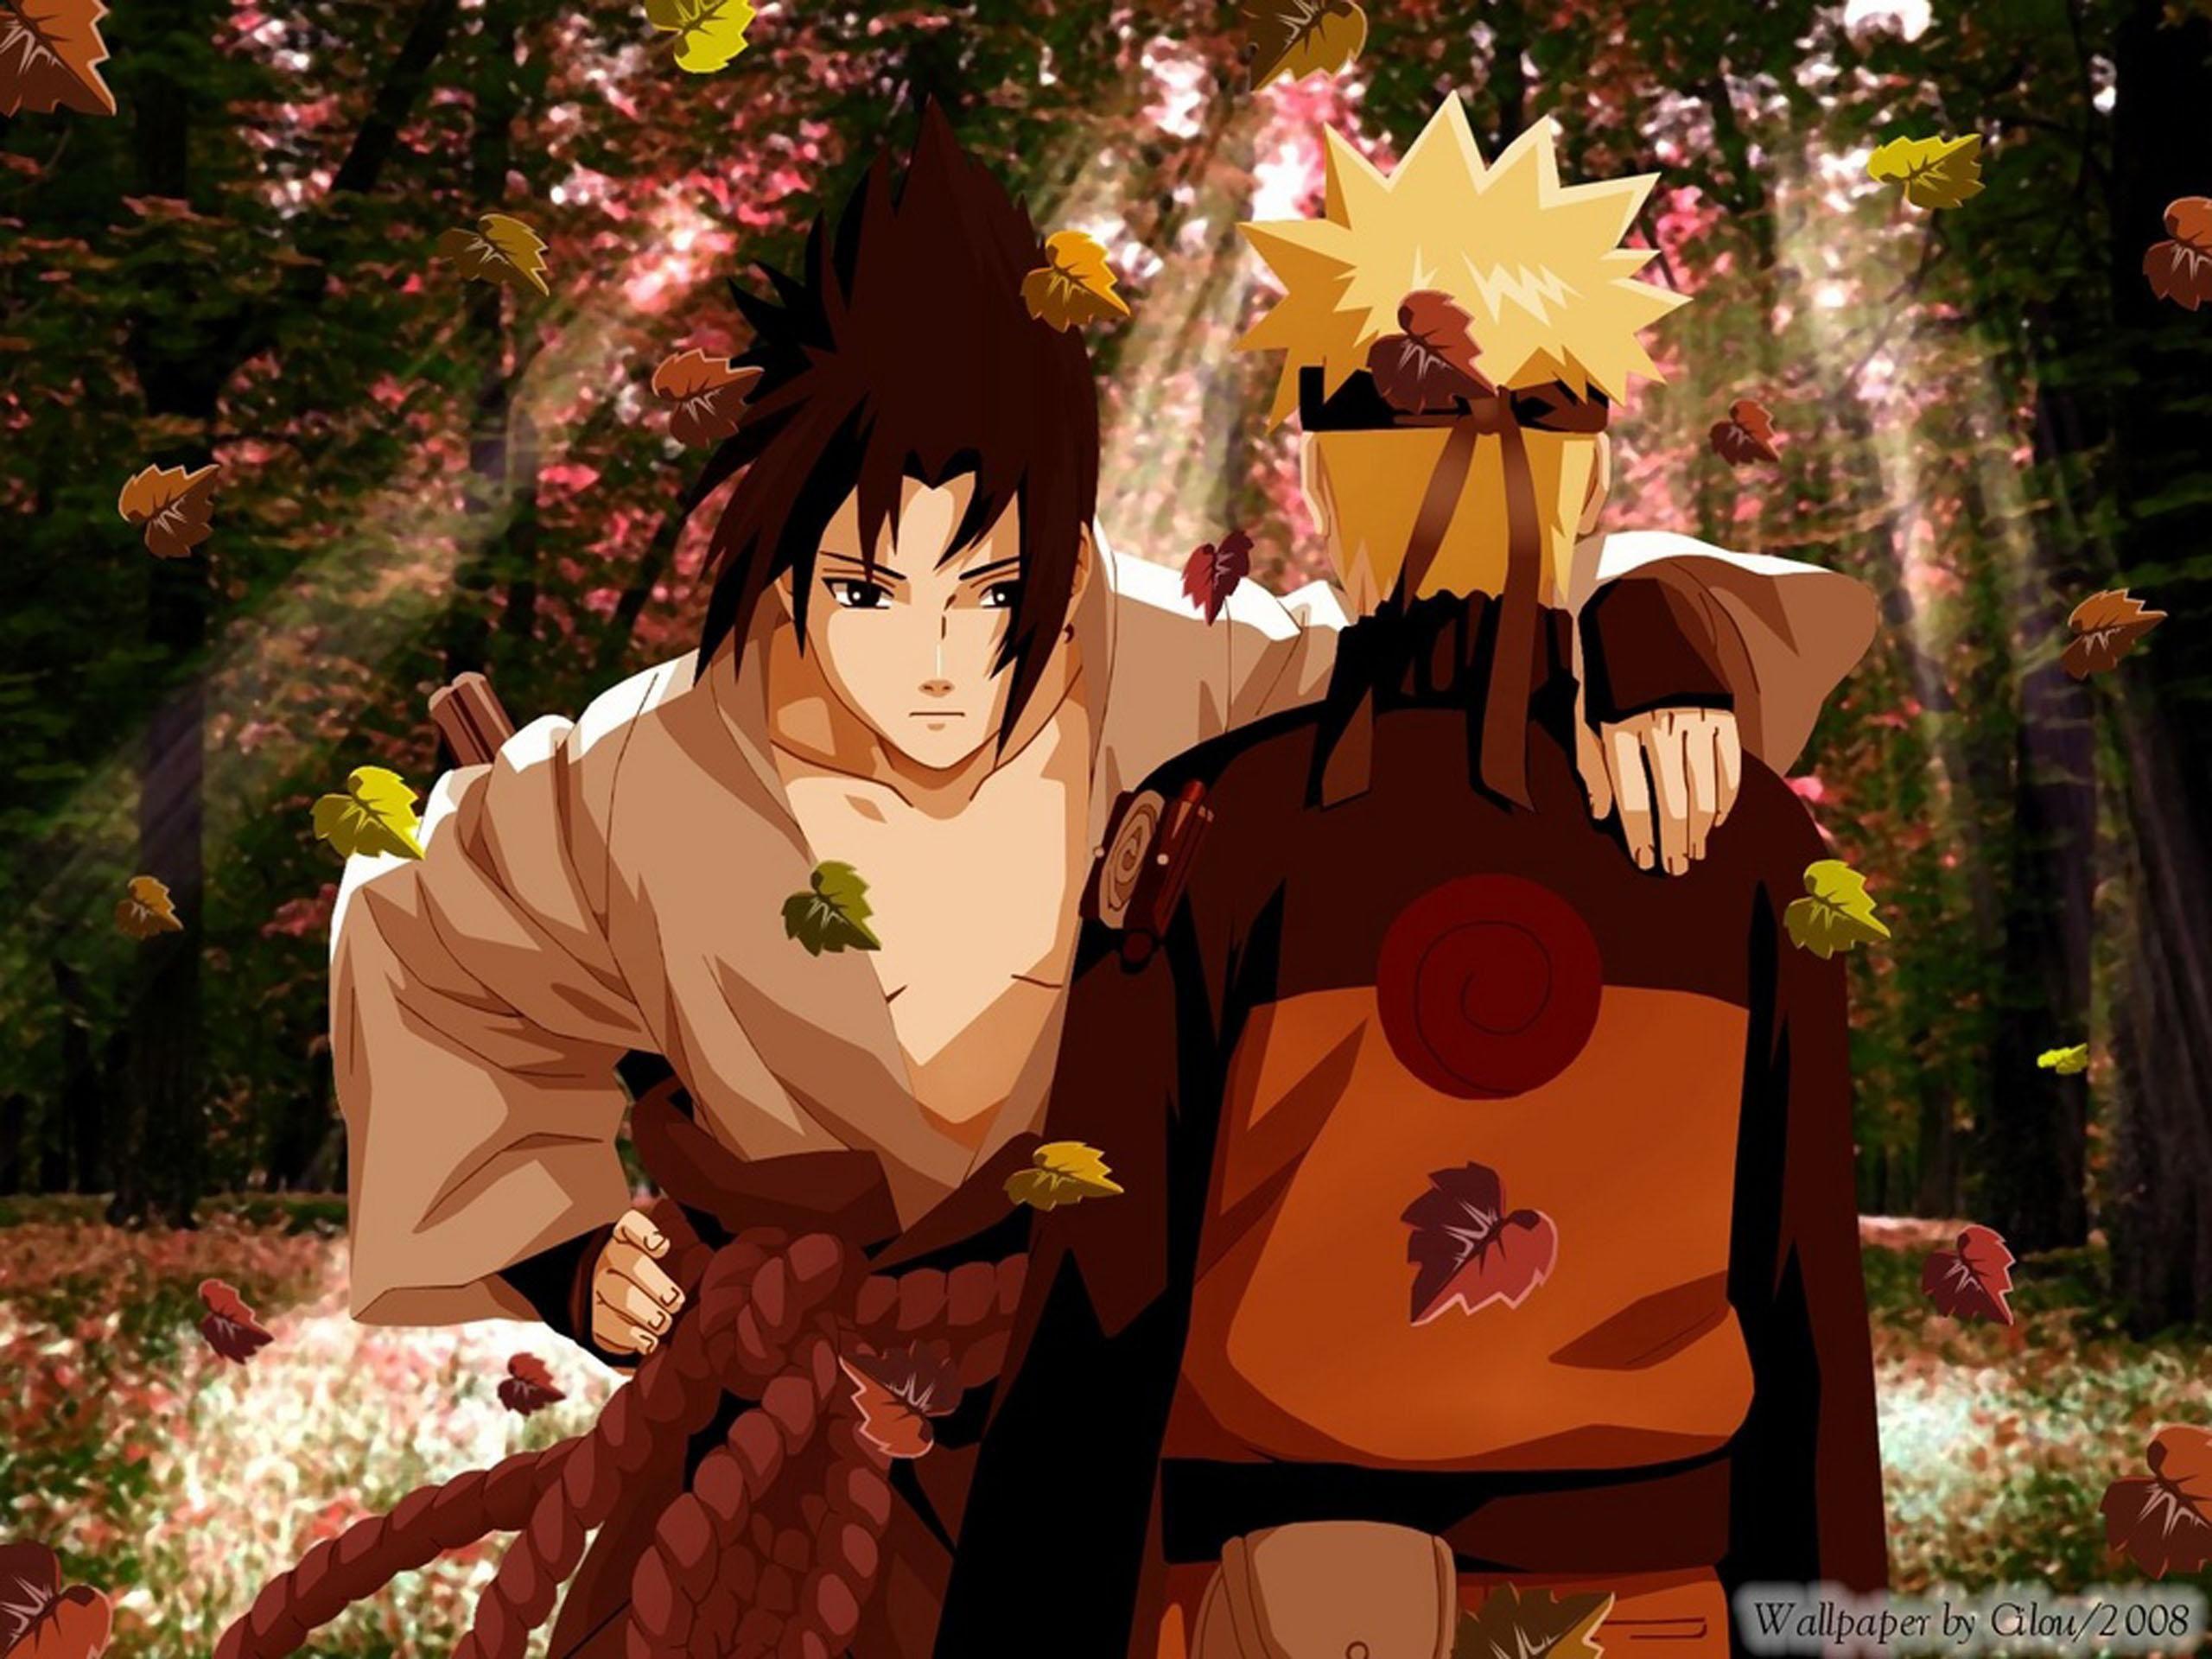 Naruto Sasuke Uchiha Naruto Shippuden Sasuke Itachi Uchiha Naruto Vs Sasuke